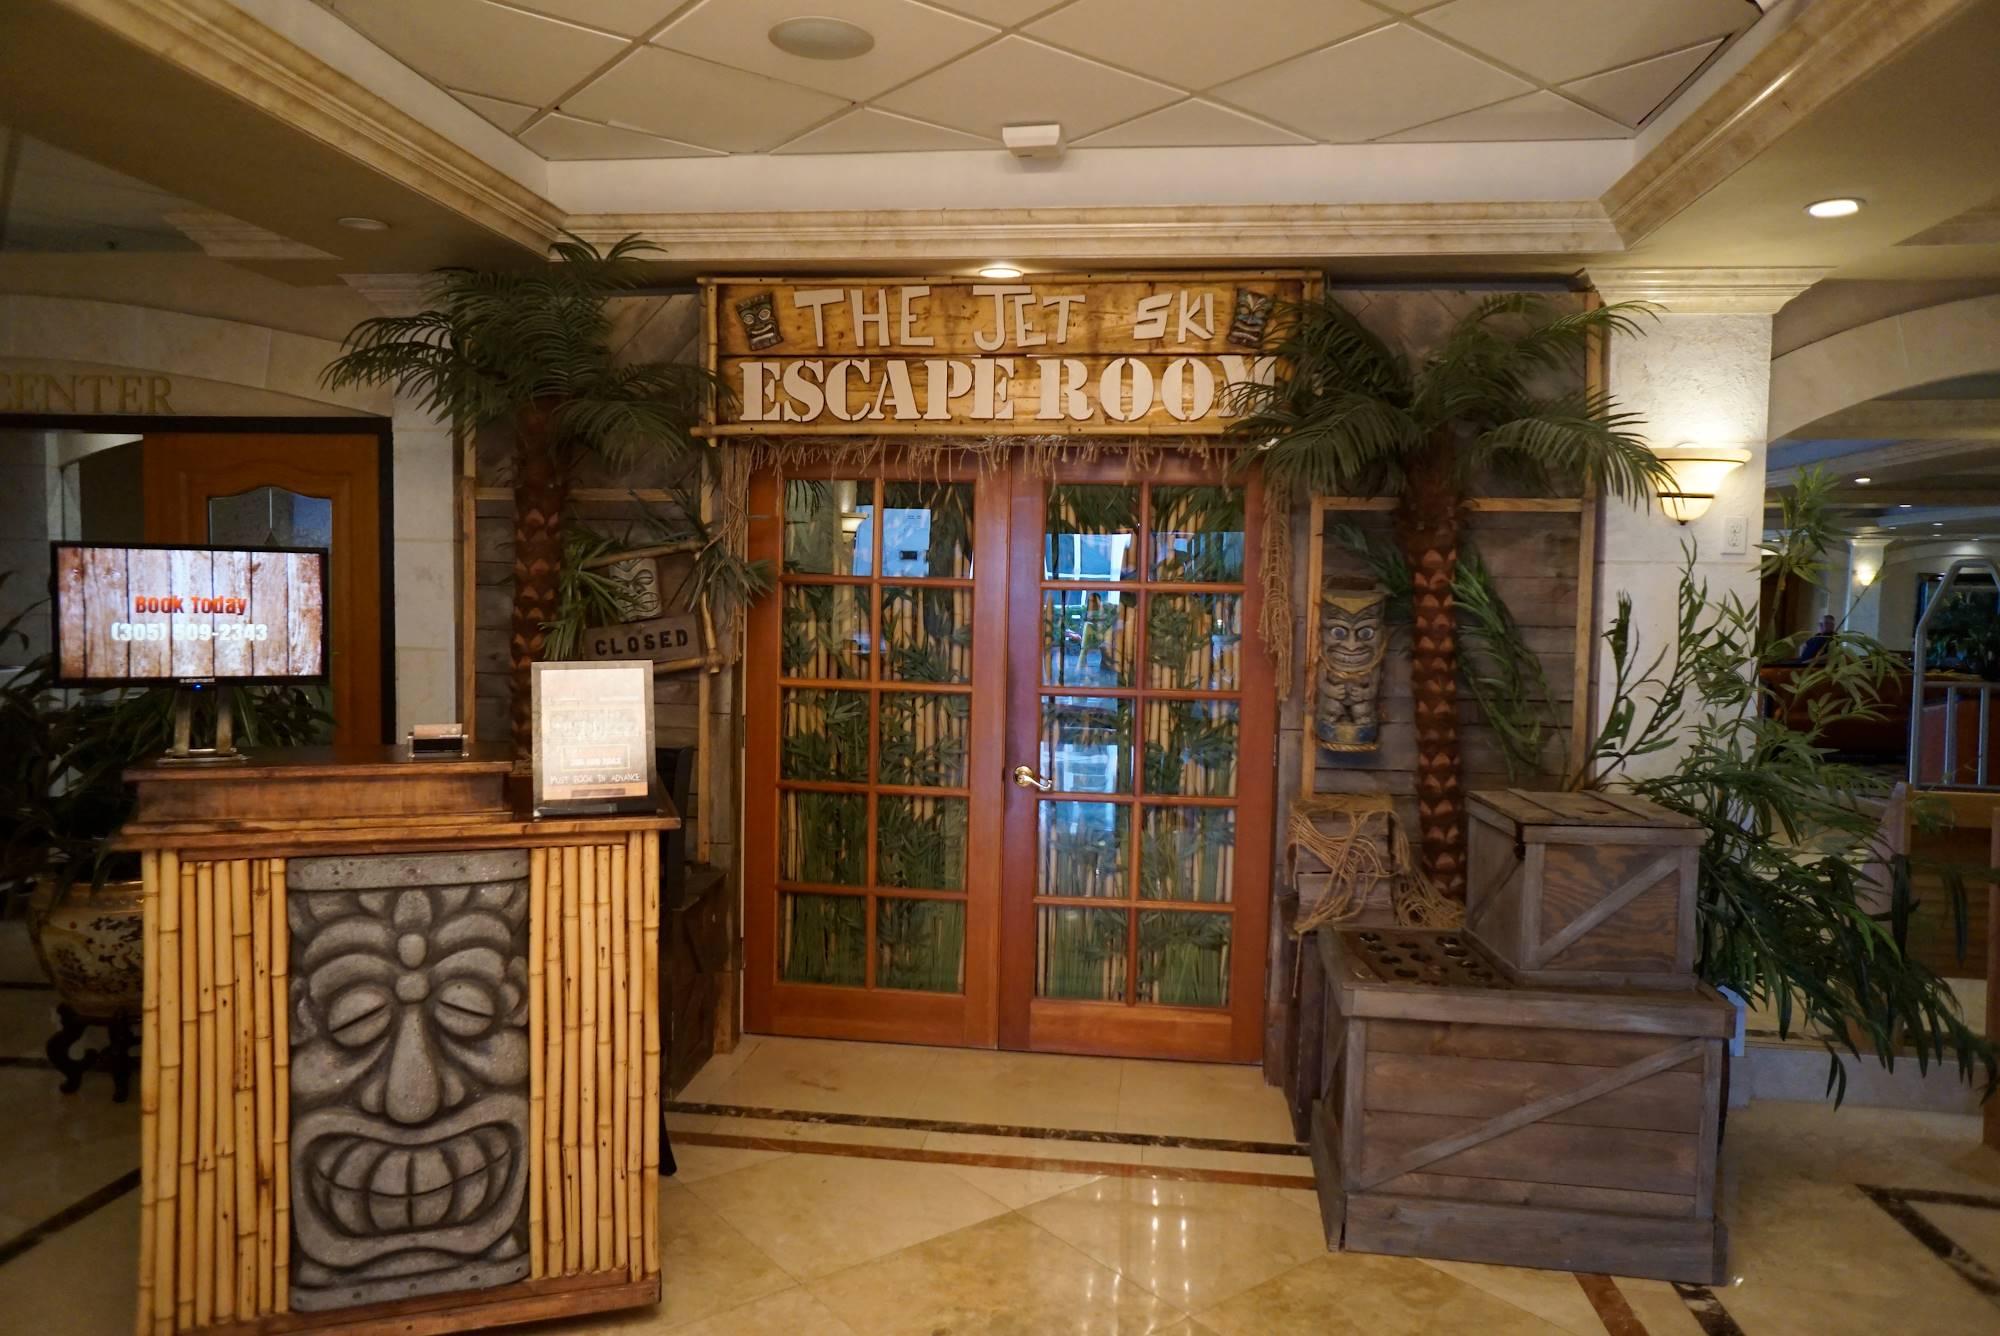 Ocean sky Hotel-Escape Room